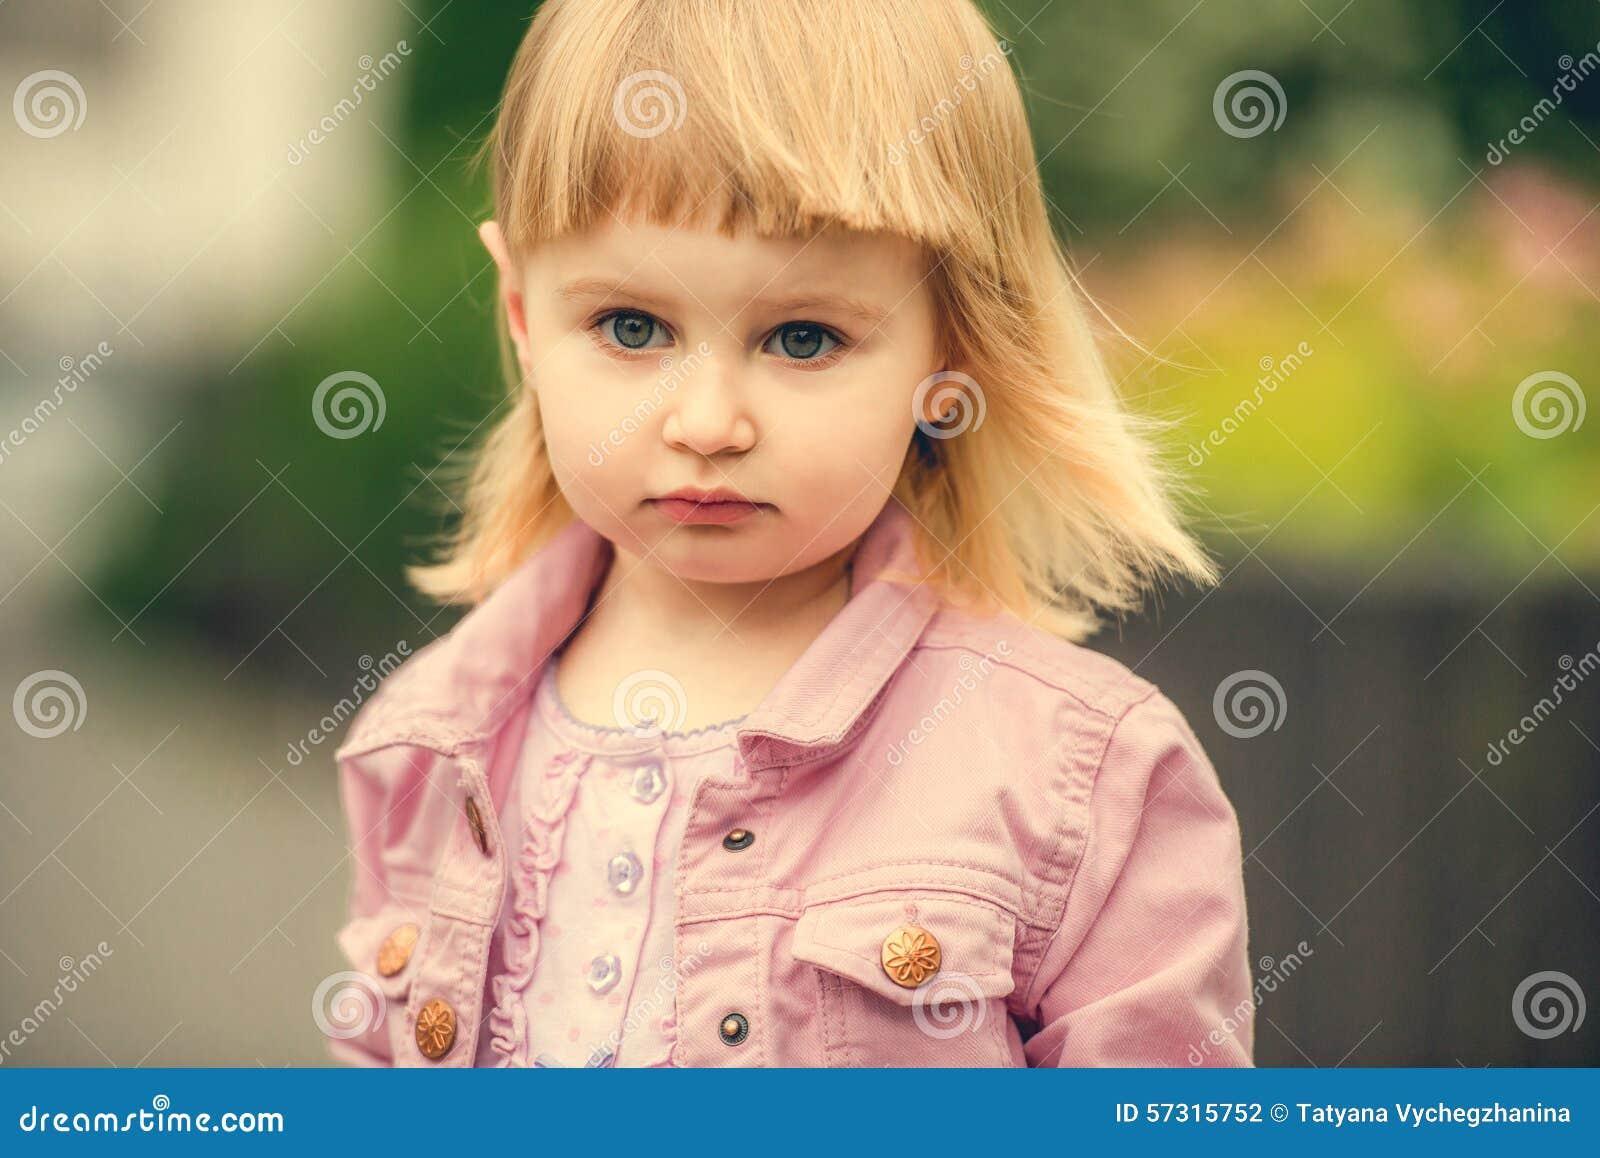 Красивые фото девушек в конце — 3